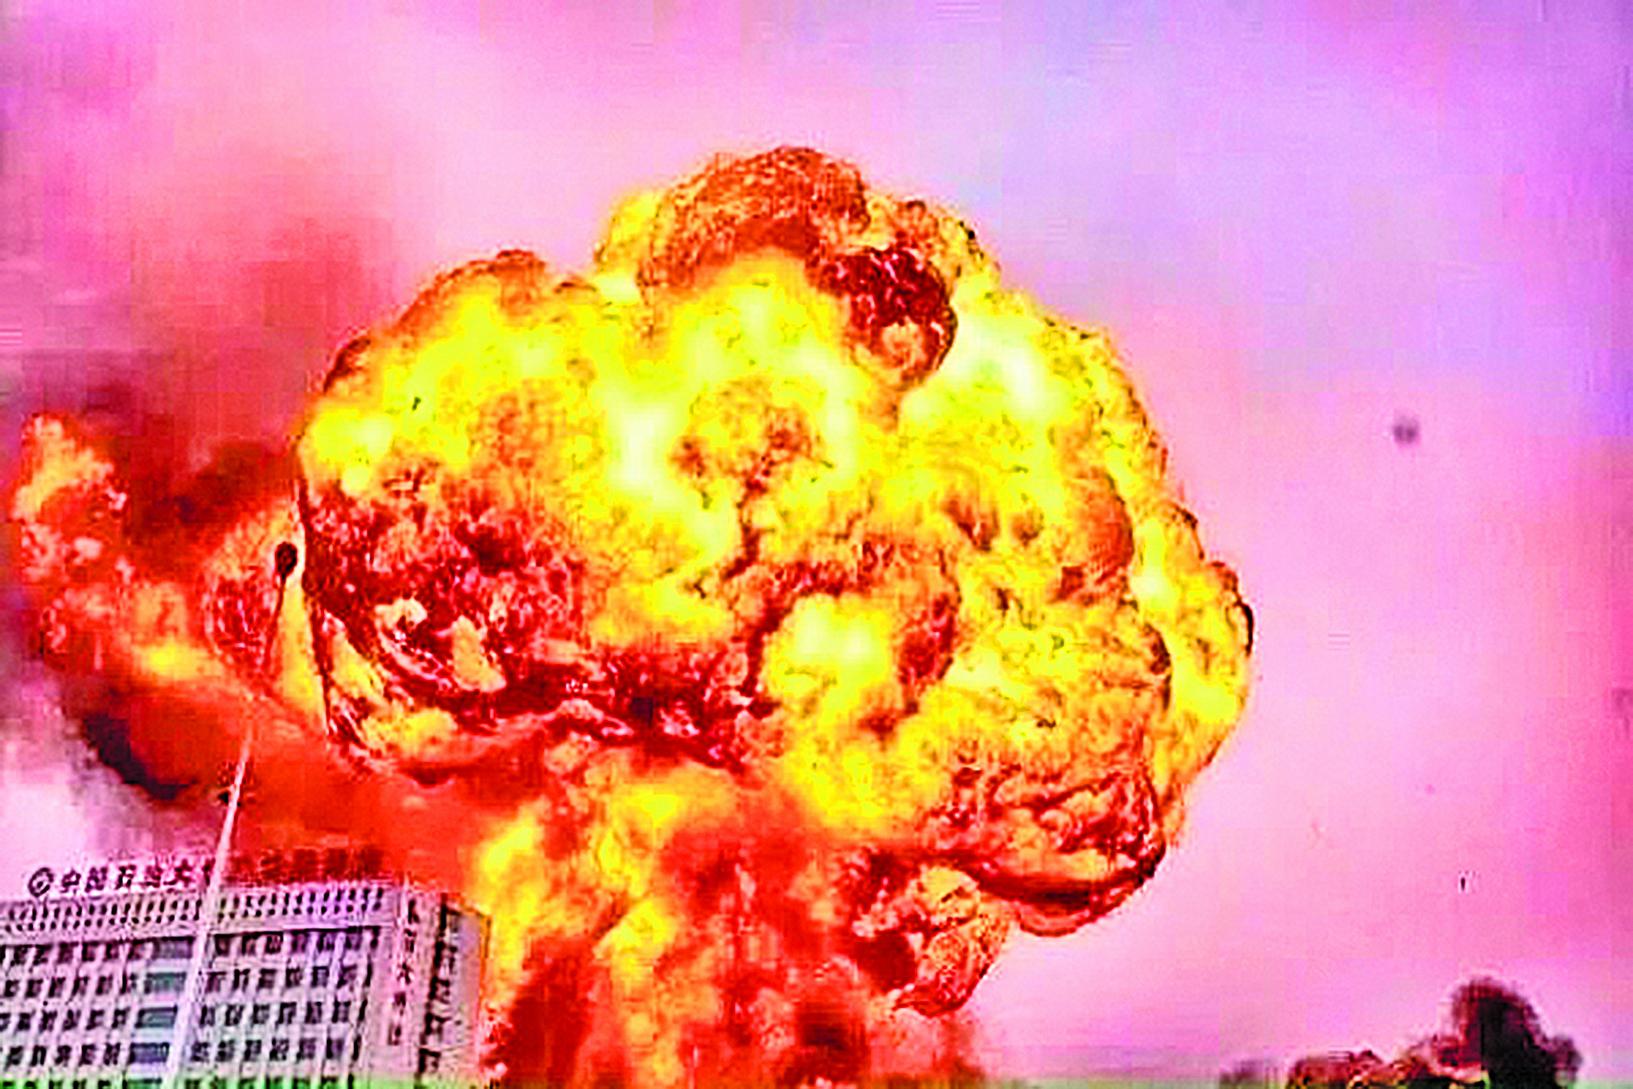 2015年7月16日早上7時38分,山東日照石化企業起火爆炸,已發生4次爆炸,大火已蔓延至9個罐體。(網絡圖片)